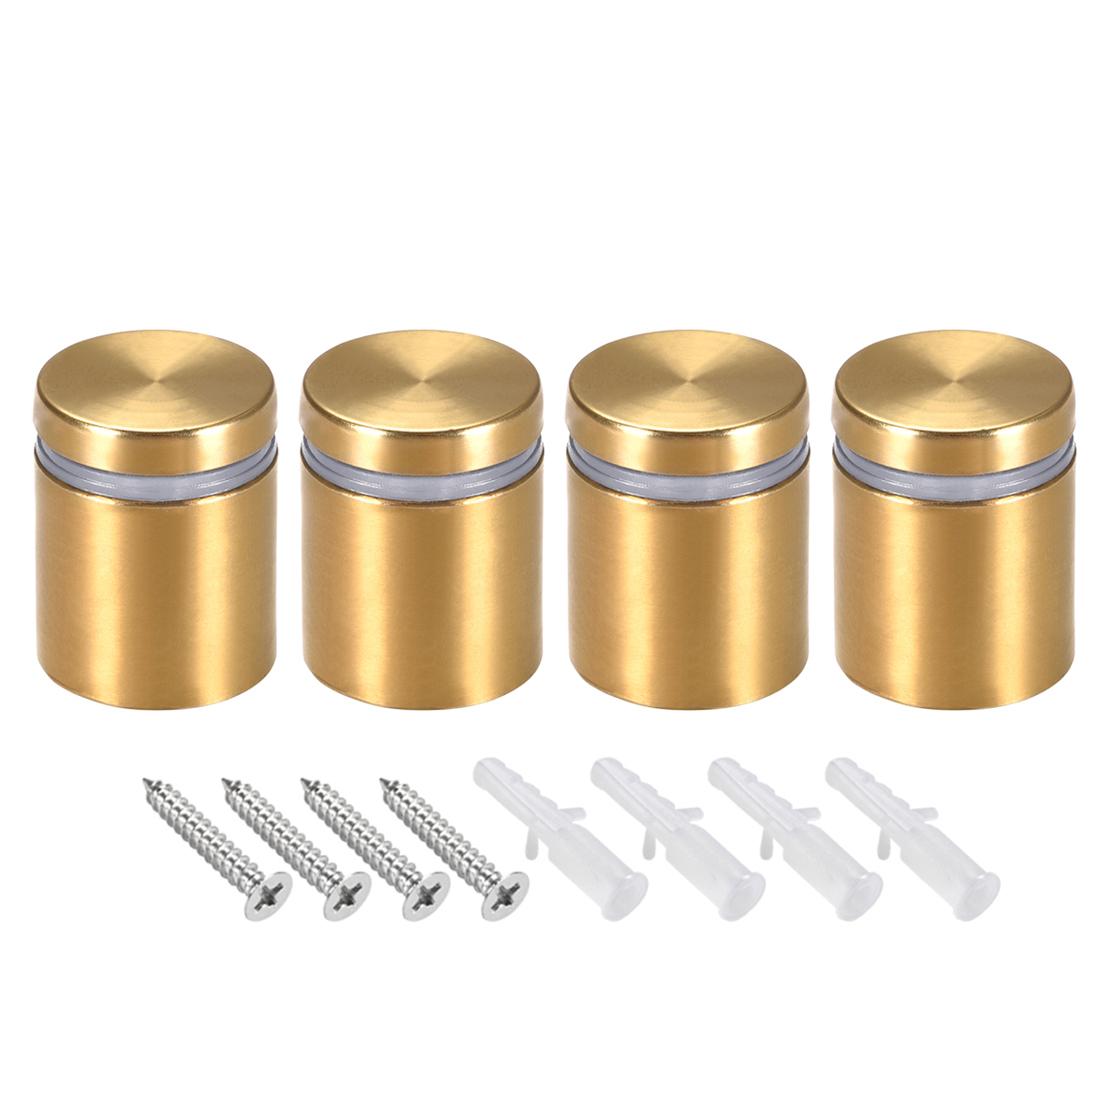 Glass Standoff Mount Wall Standoff Nails 25mm Dia 32mm Length Golden 4 Pcs